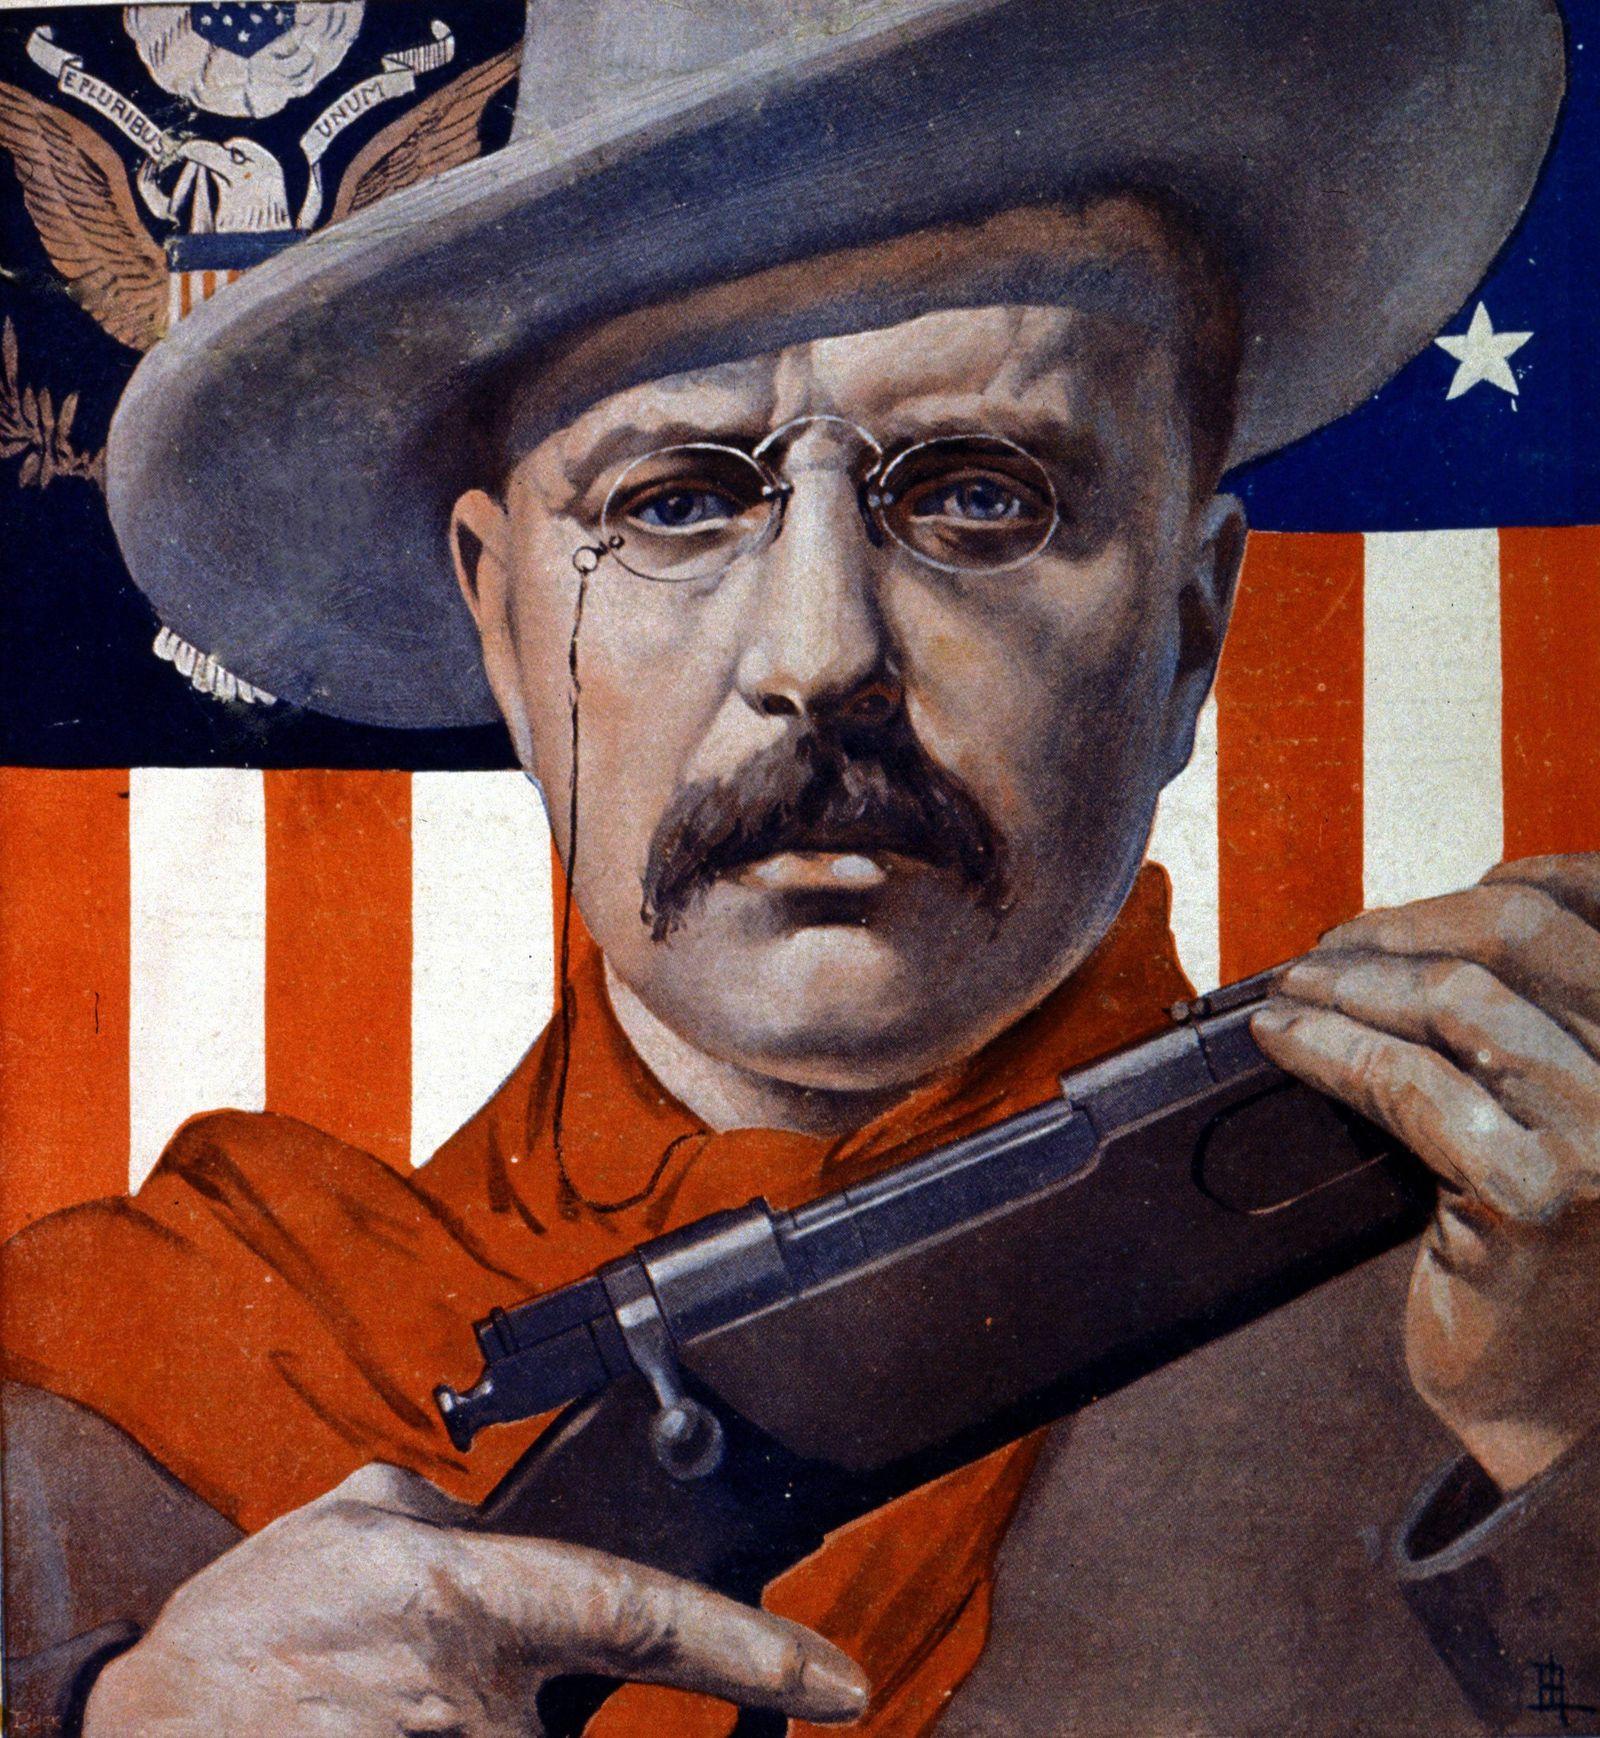 Portrait du président des Etats Unis Theodore Roosevelt avec son fusil de chasseur AUFNAHMEDATUM G